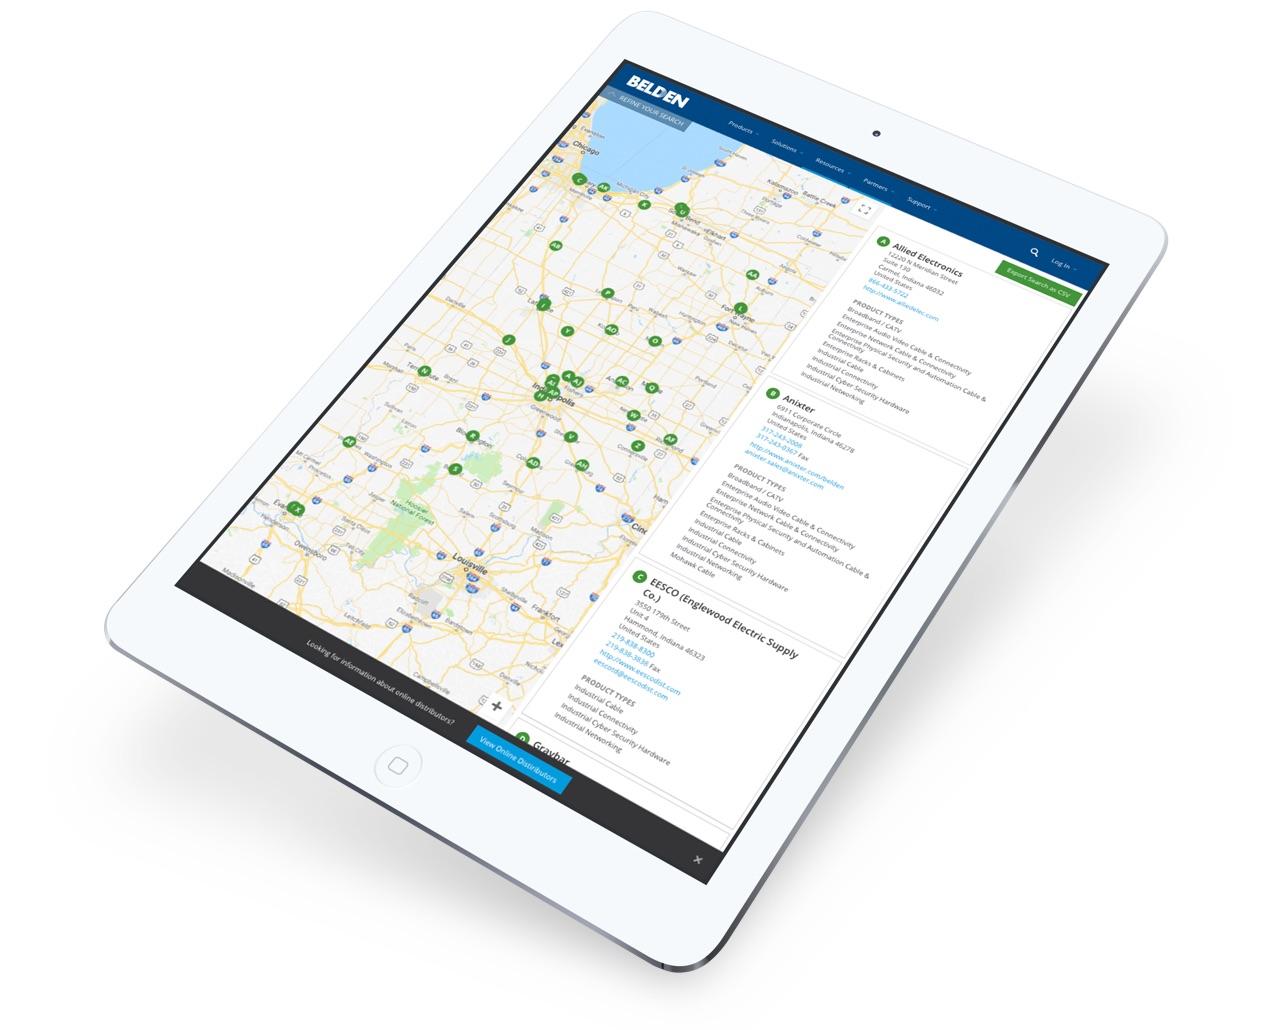 belden-case-study-tablet